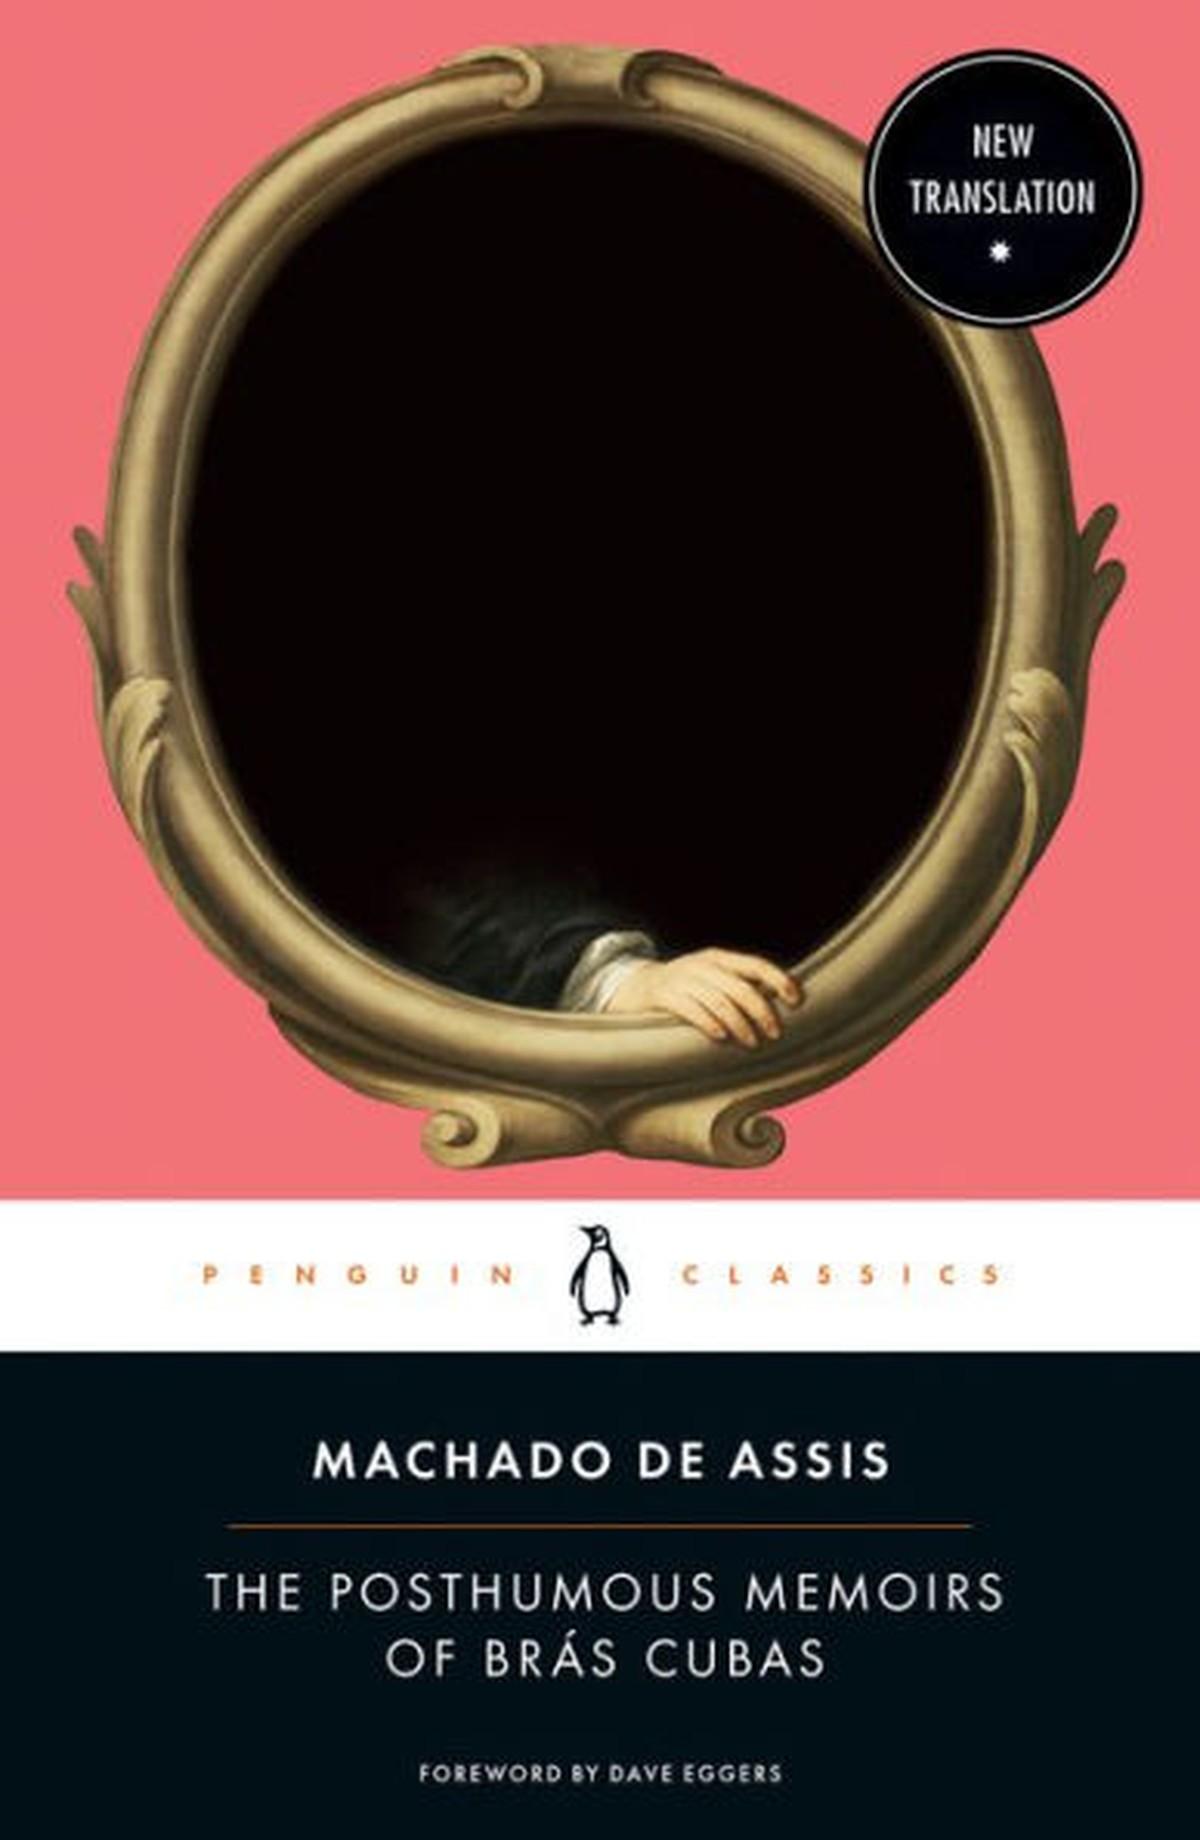 'Memórias Póstumas de Brás Cubas' é relançado nos Estados Unidos e livros esgotam em um dia   Pop & Arte